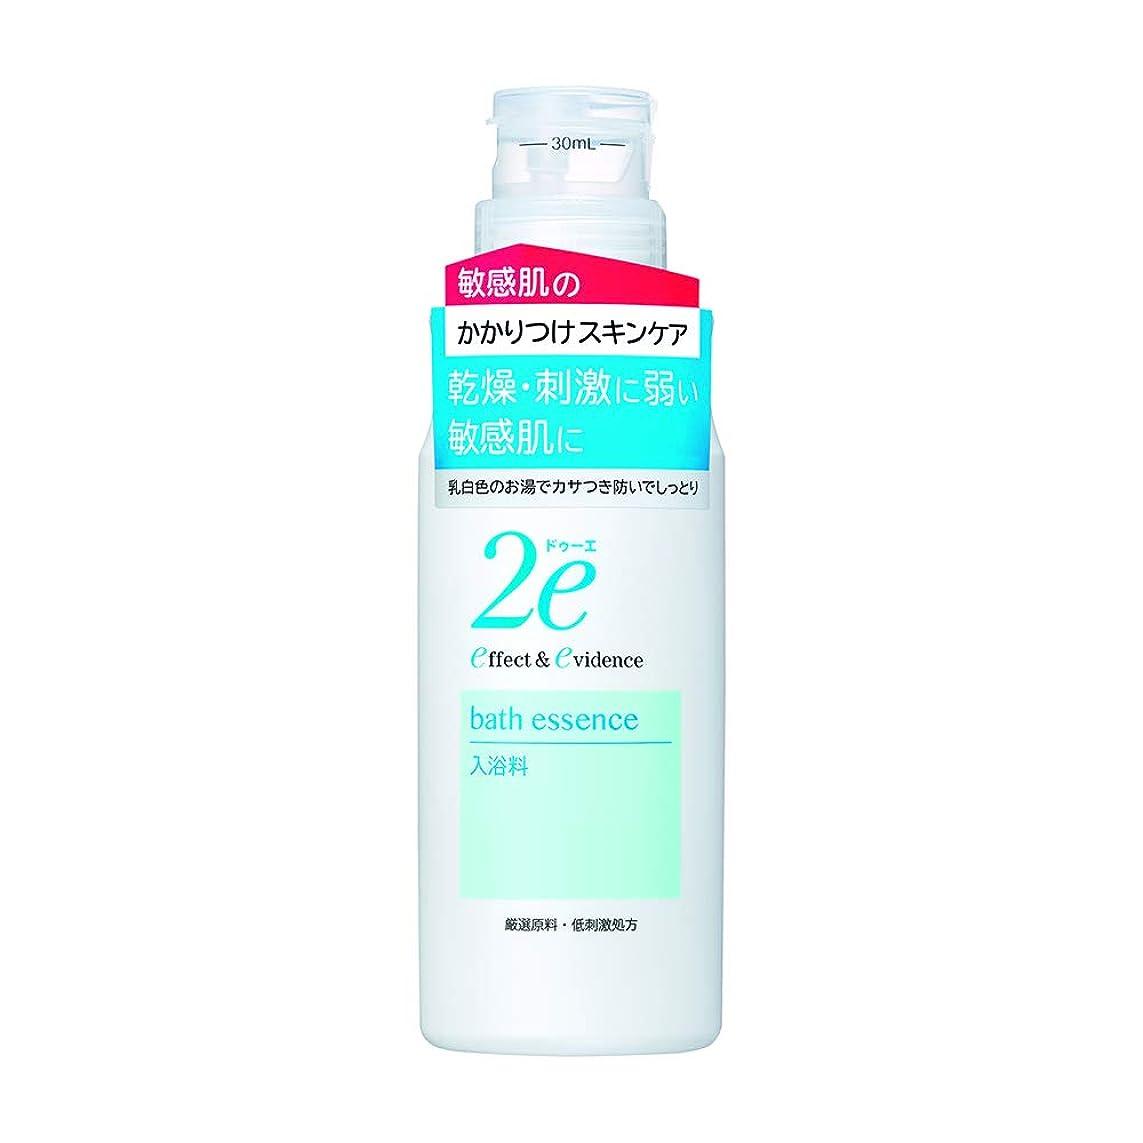 計画レンド同情2e(ドゥーエ) 入浴料 敏感肌用 低刺激処方 乳白色 420ml